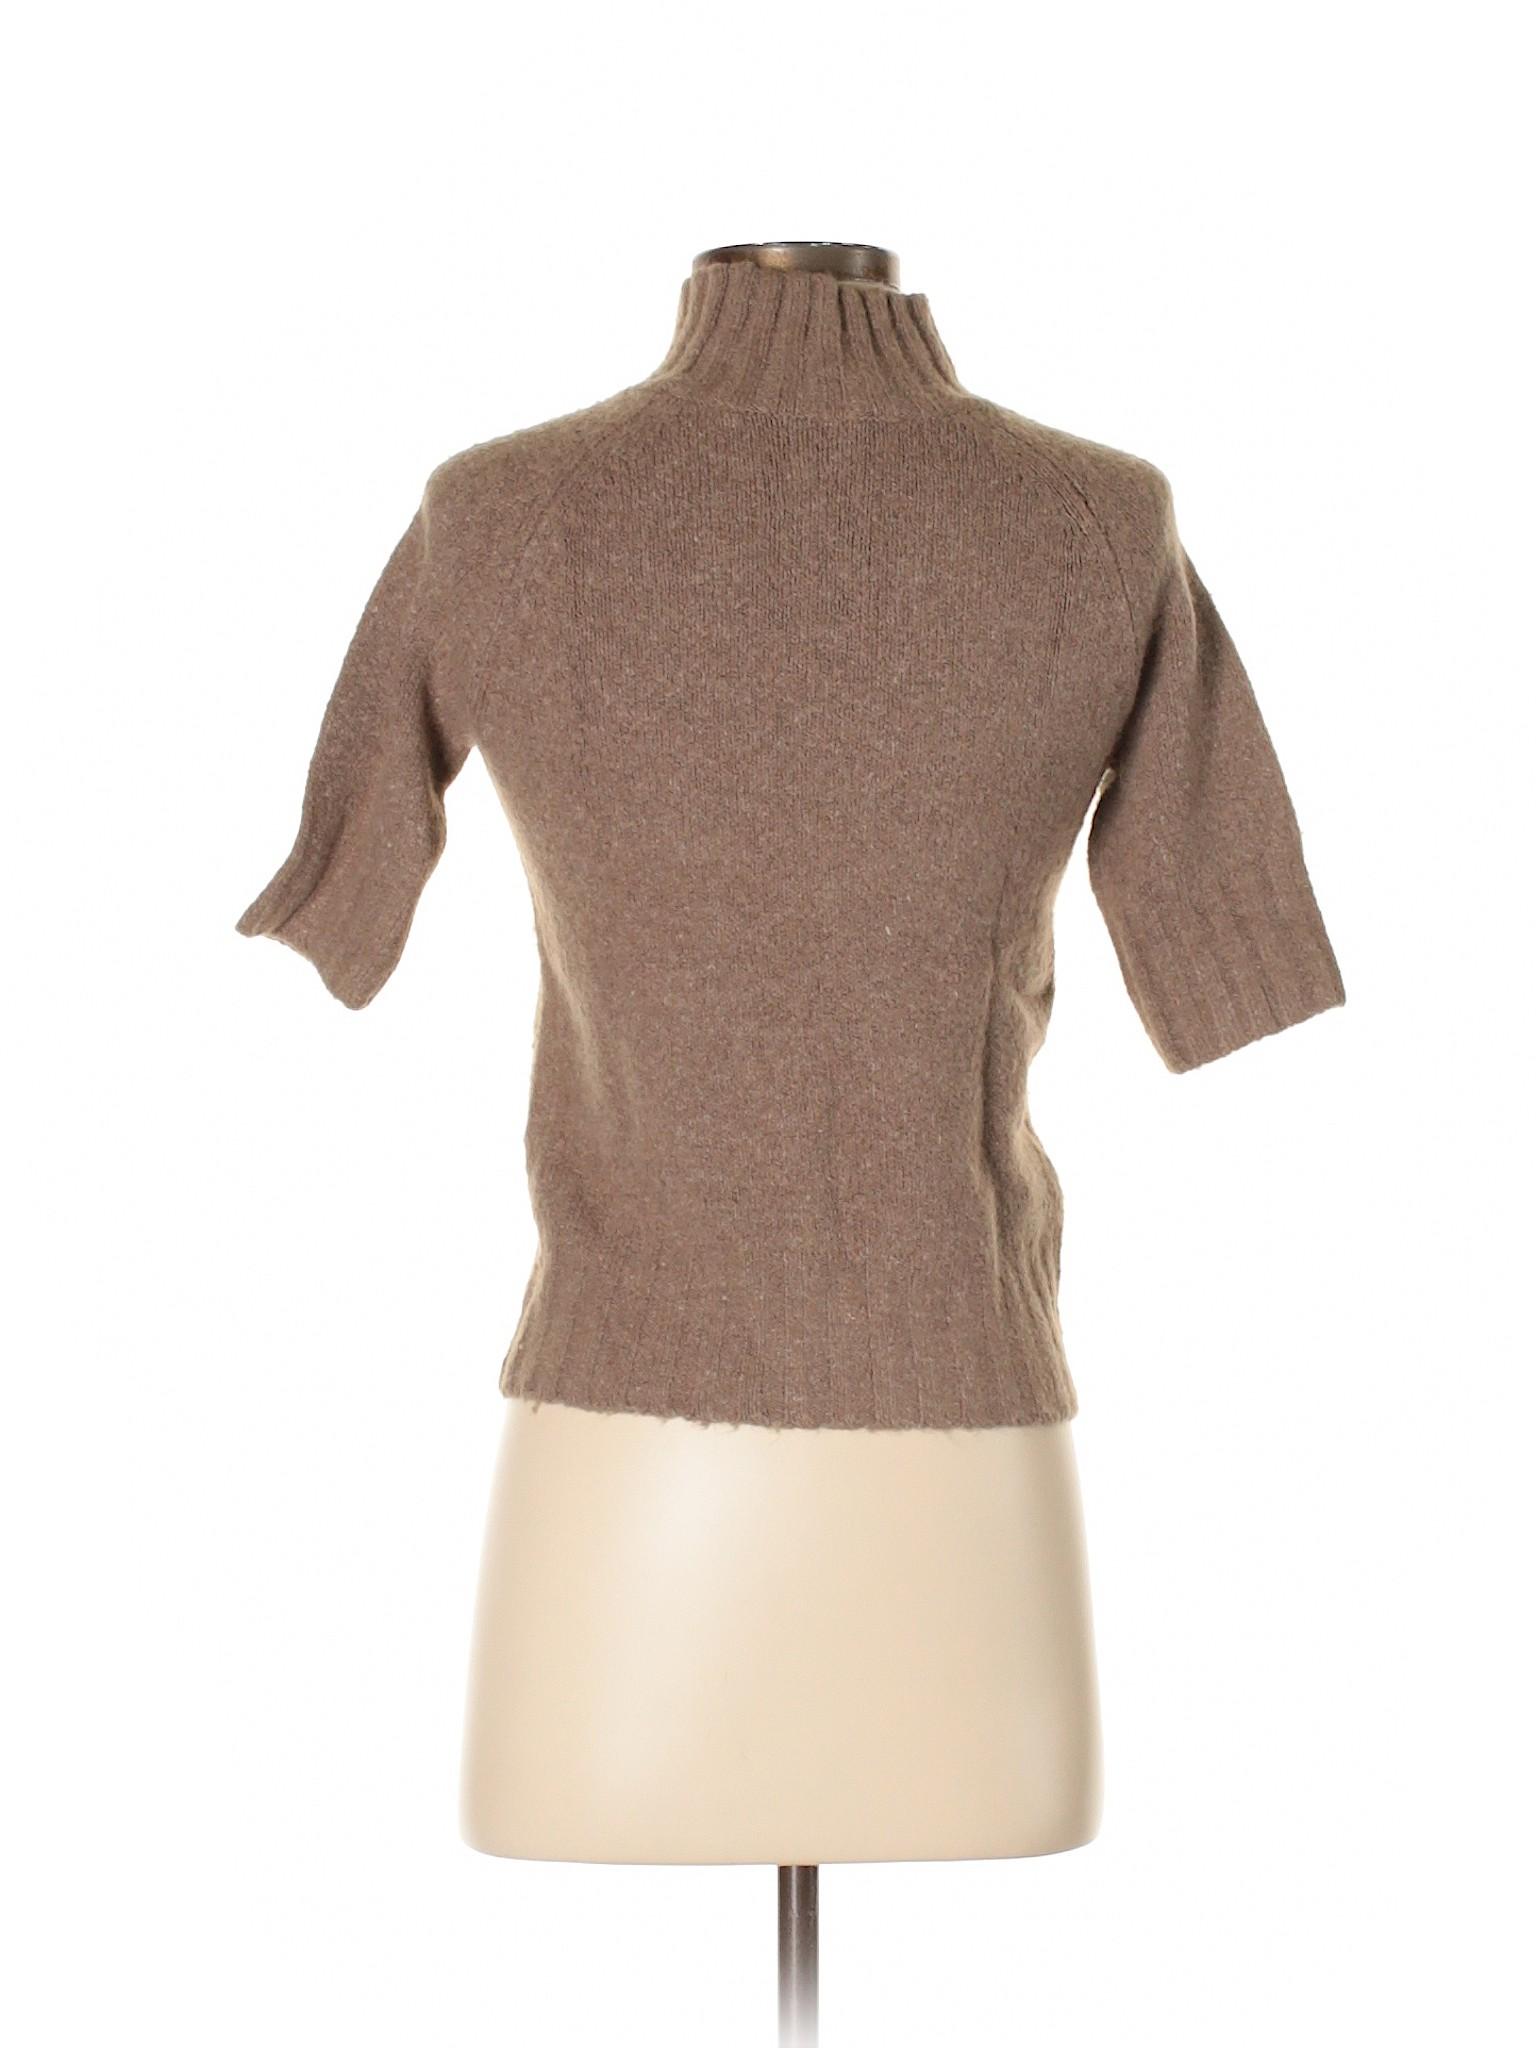 BCBGMAXAZRIA Boutique winter Sweater Pullover Pullover BCBGMAXAZRIA Boutique winter wd6tvd